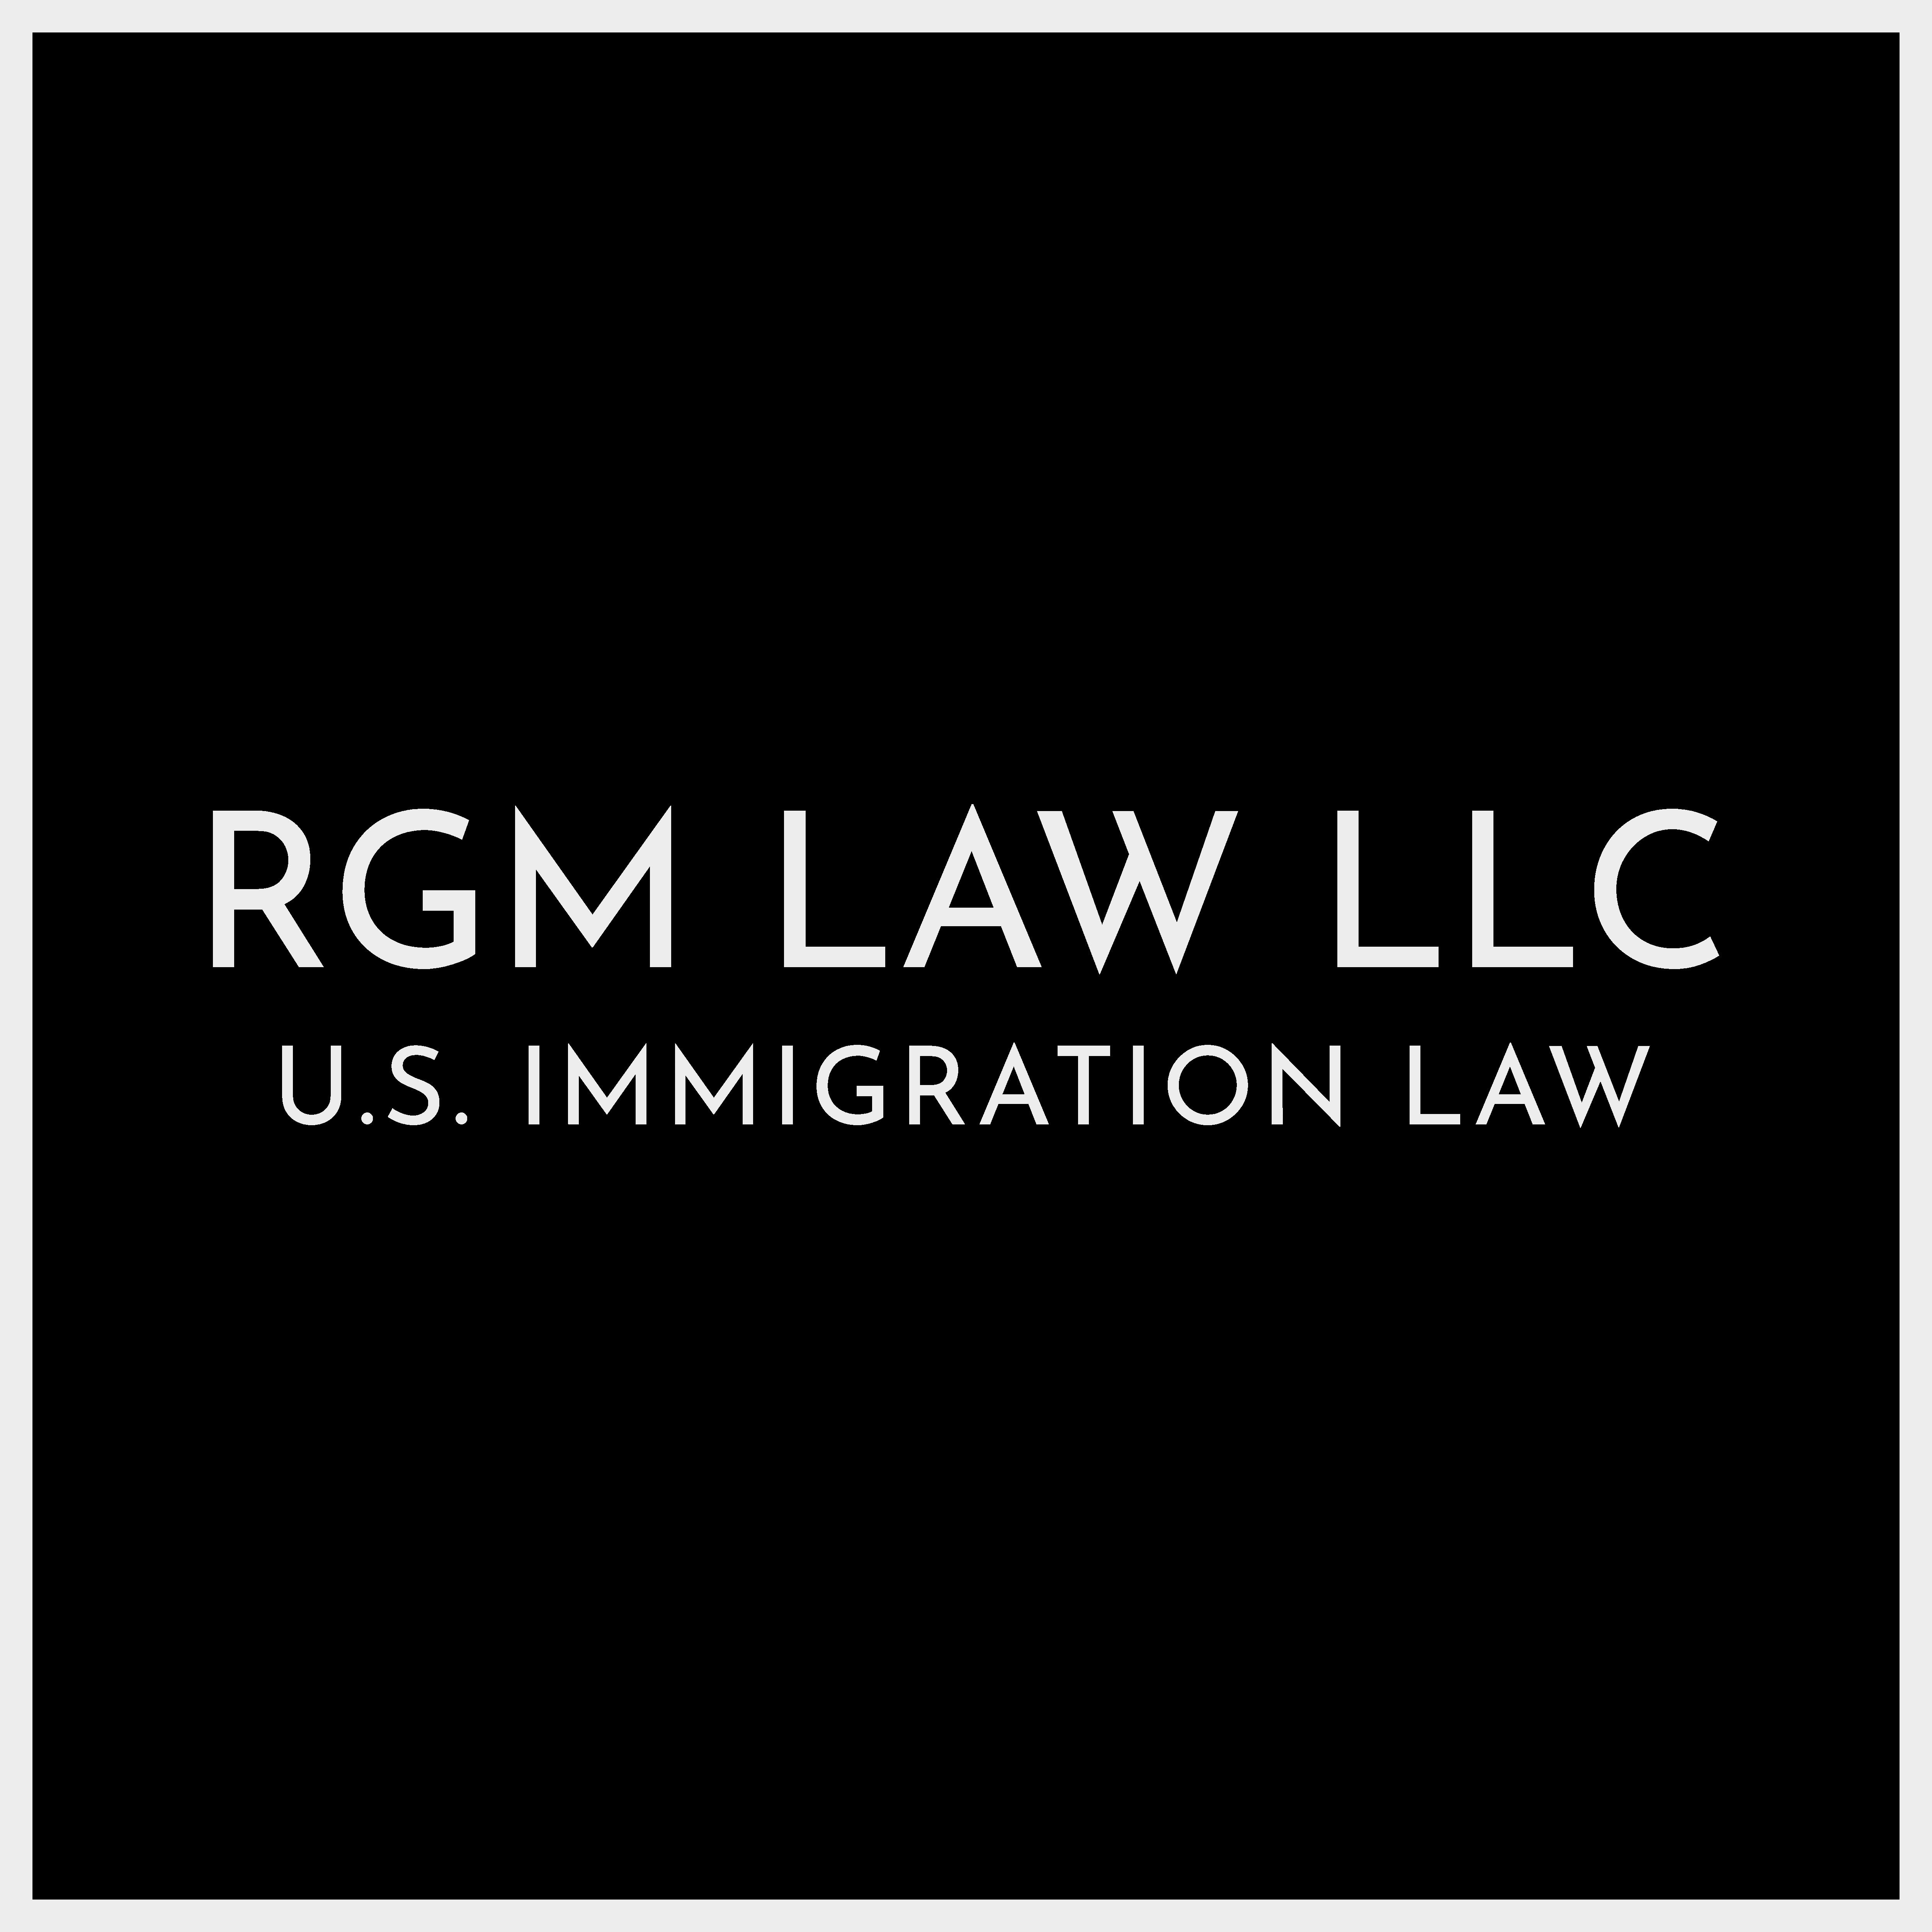 RGM Law